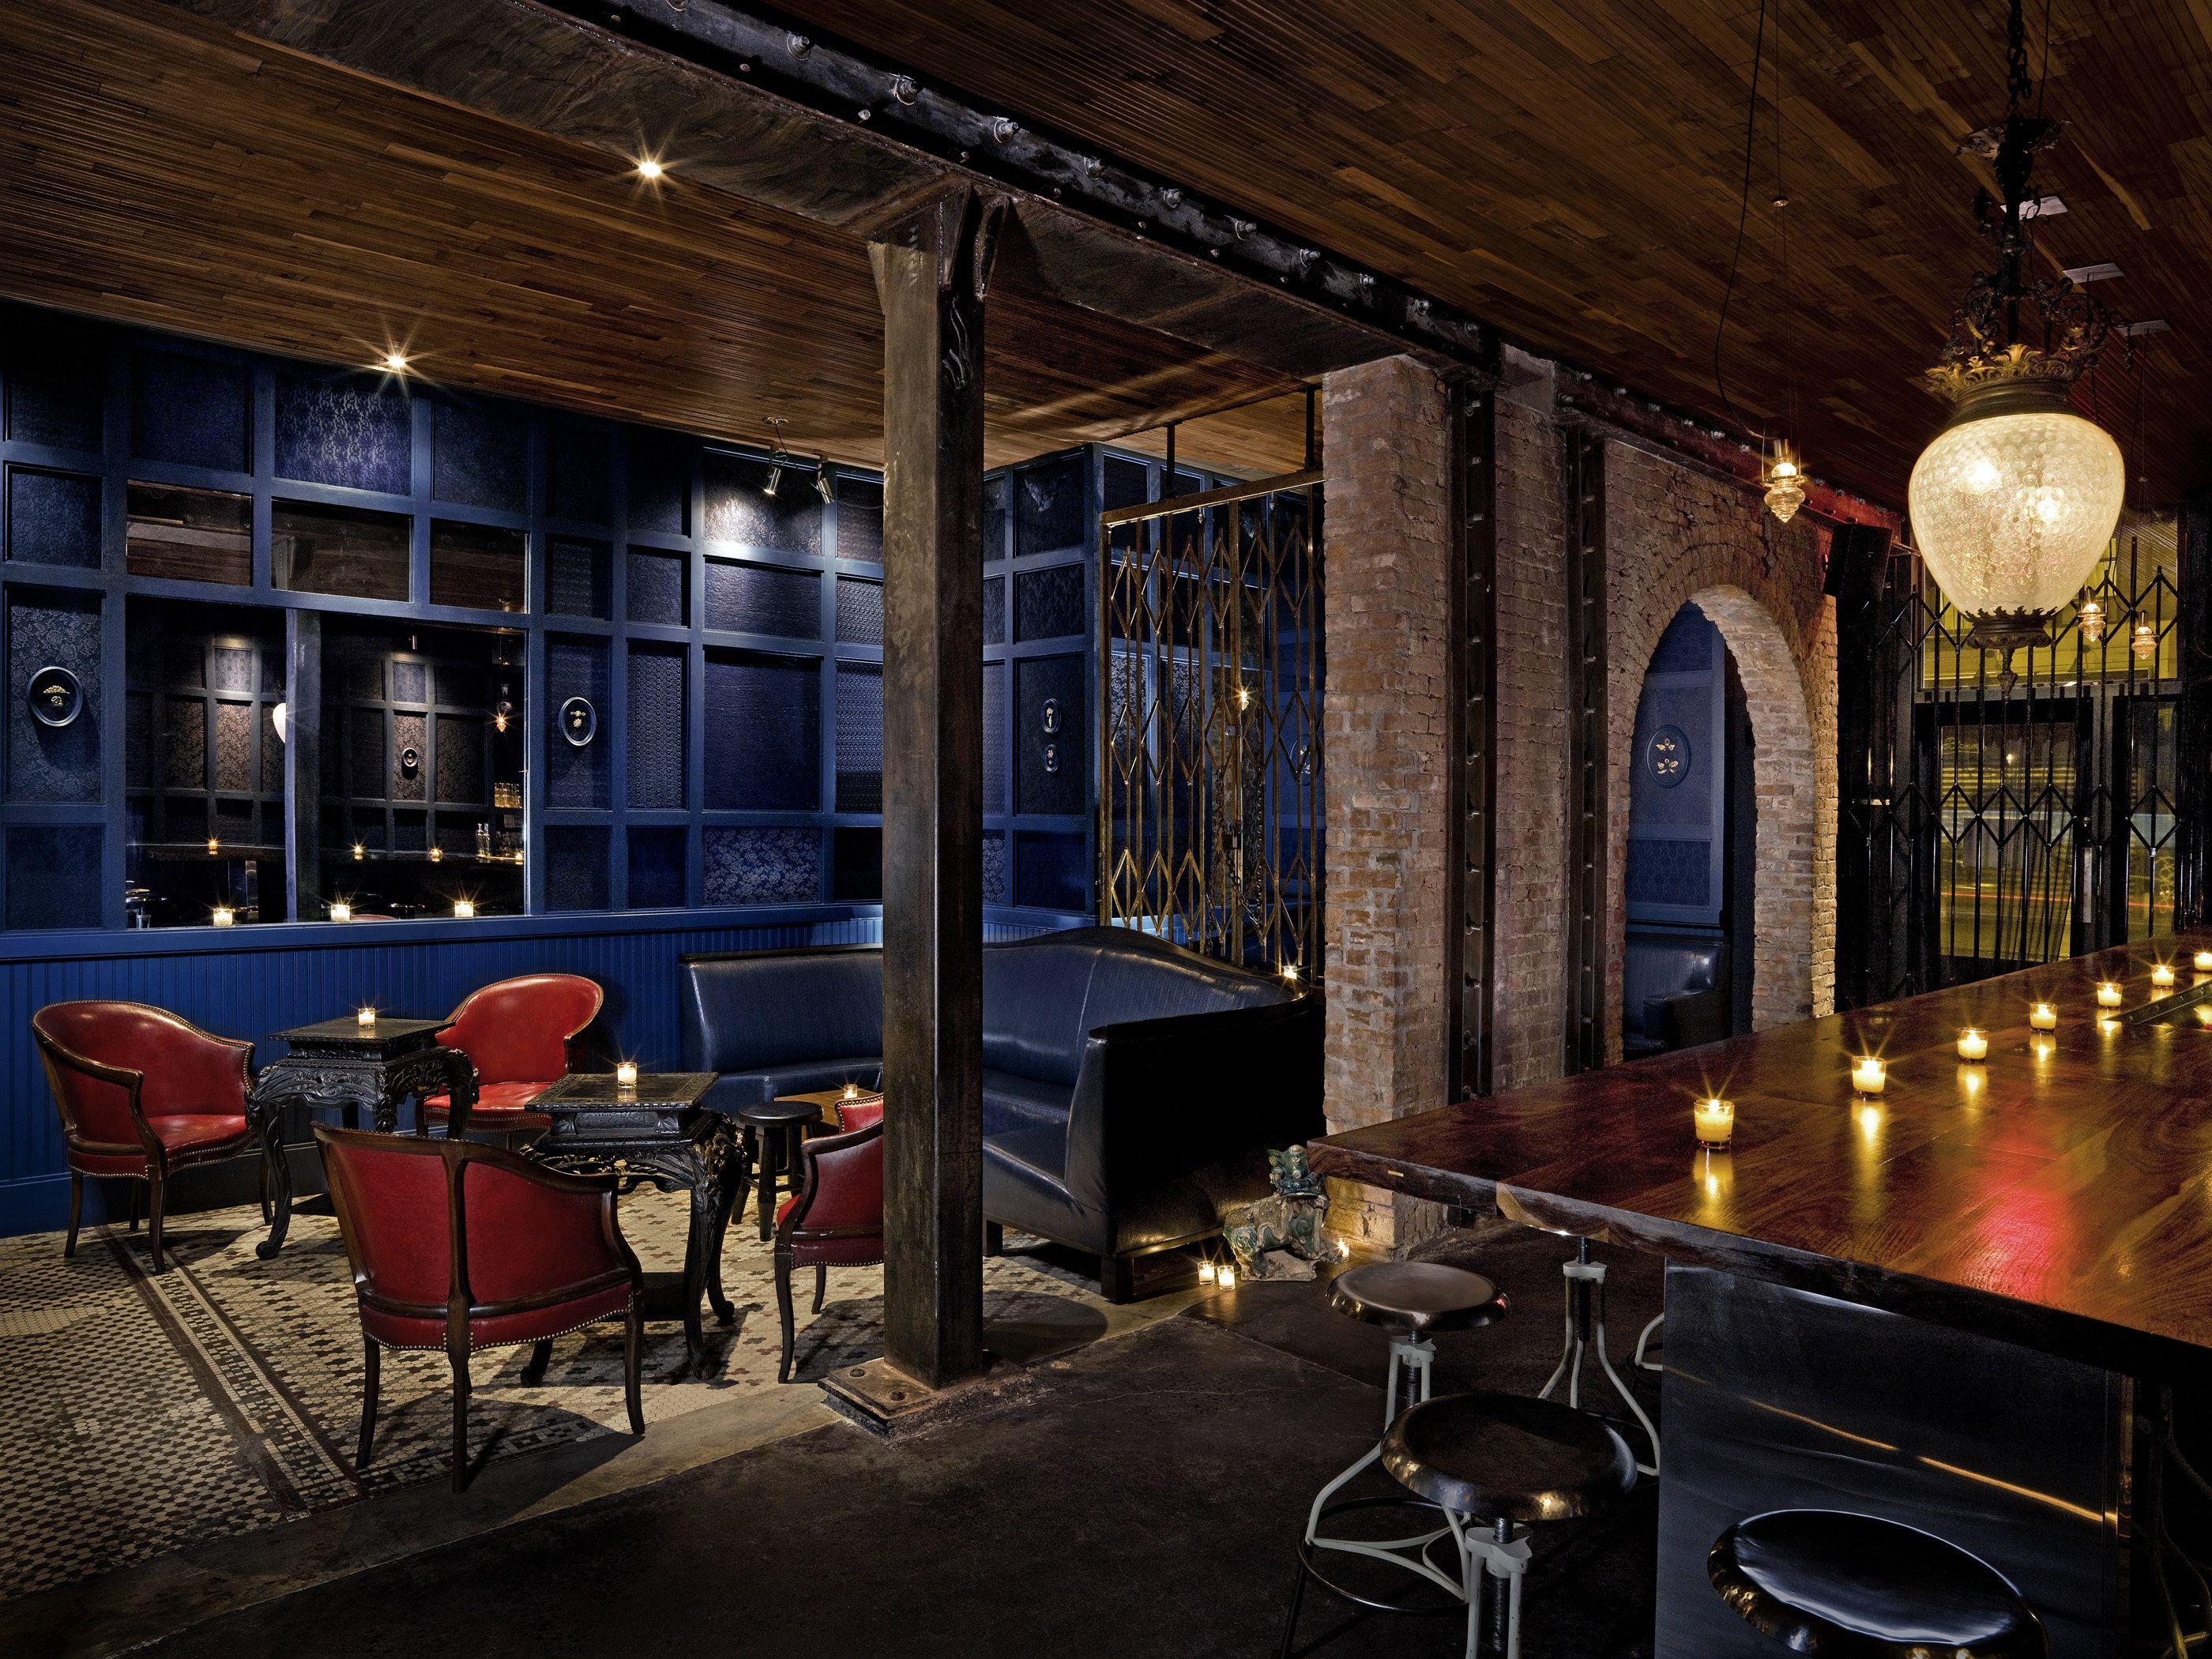 15 Chic New York City Bars for Design Lovers | Pinterest ...